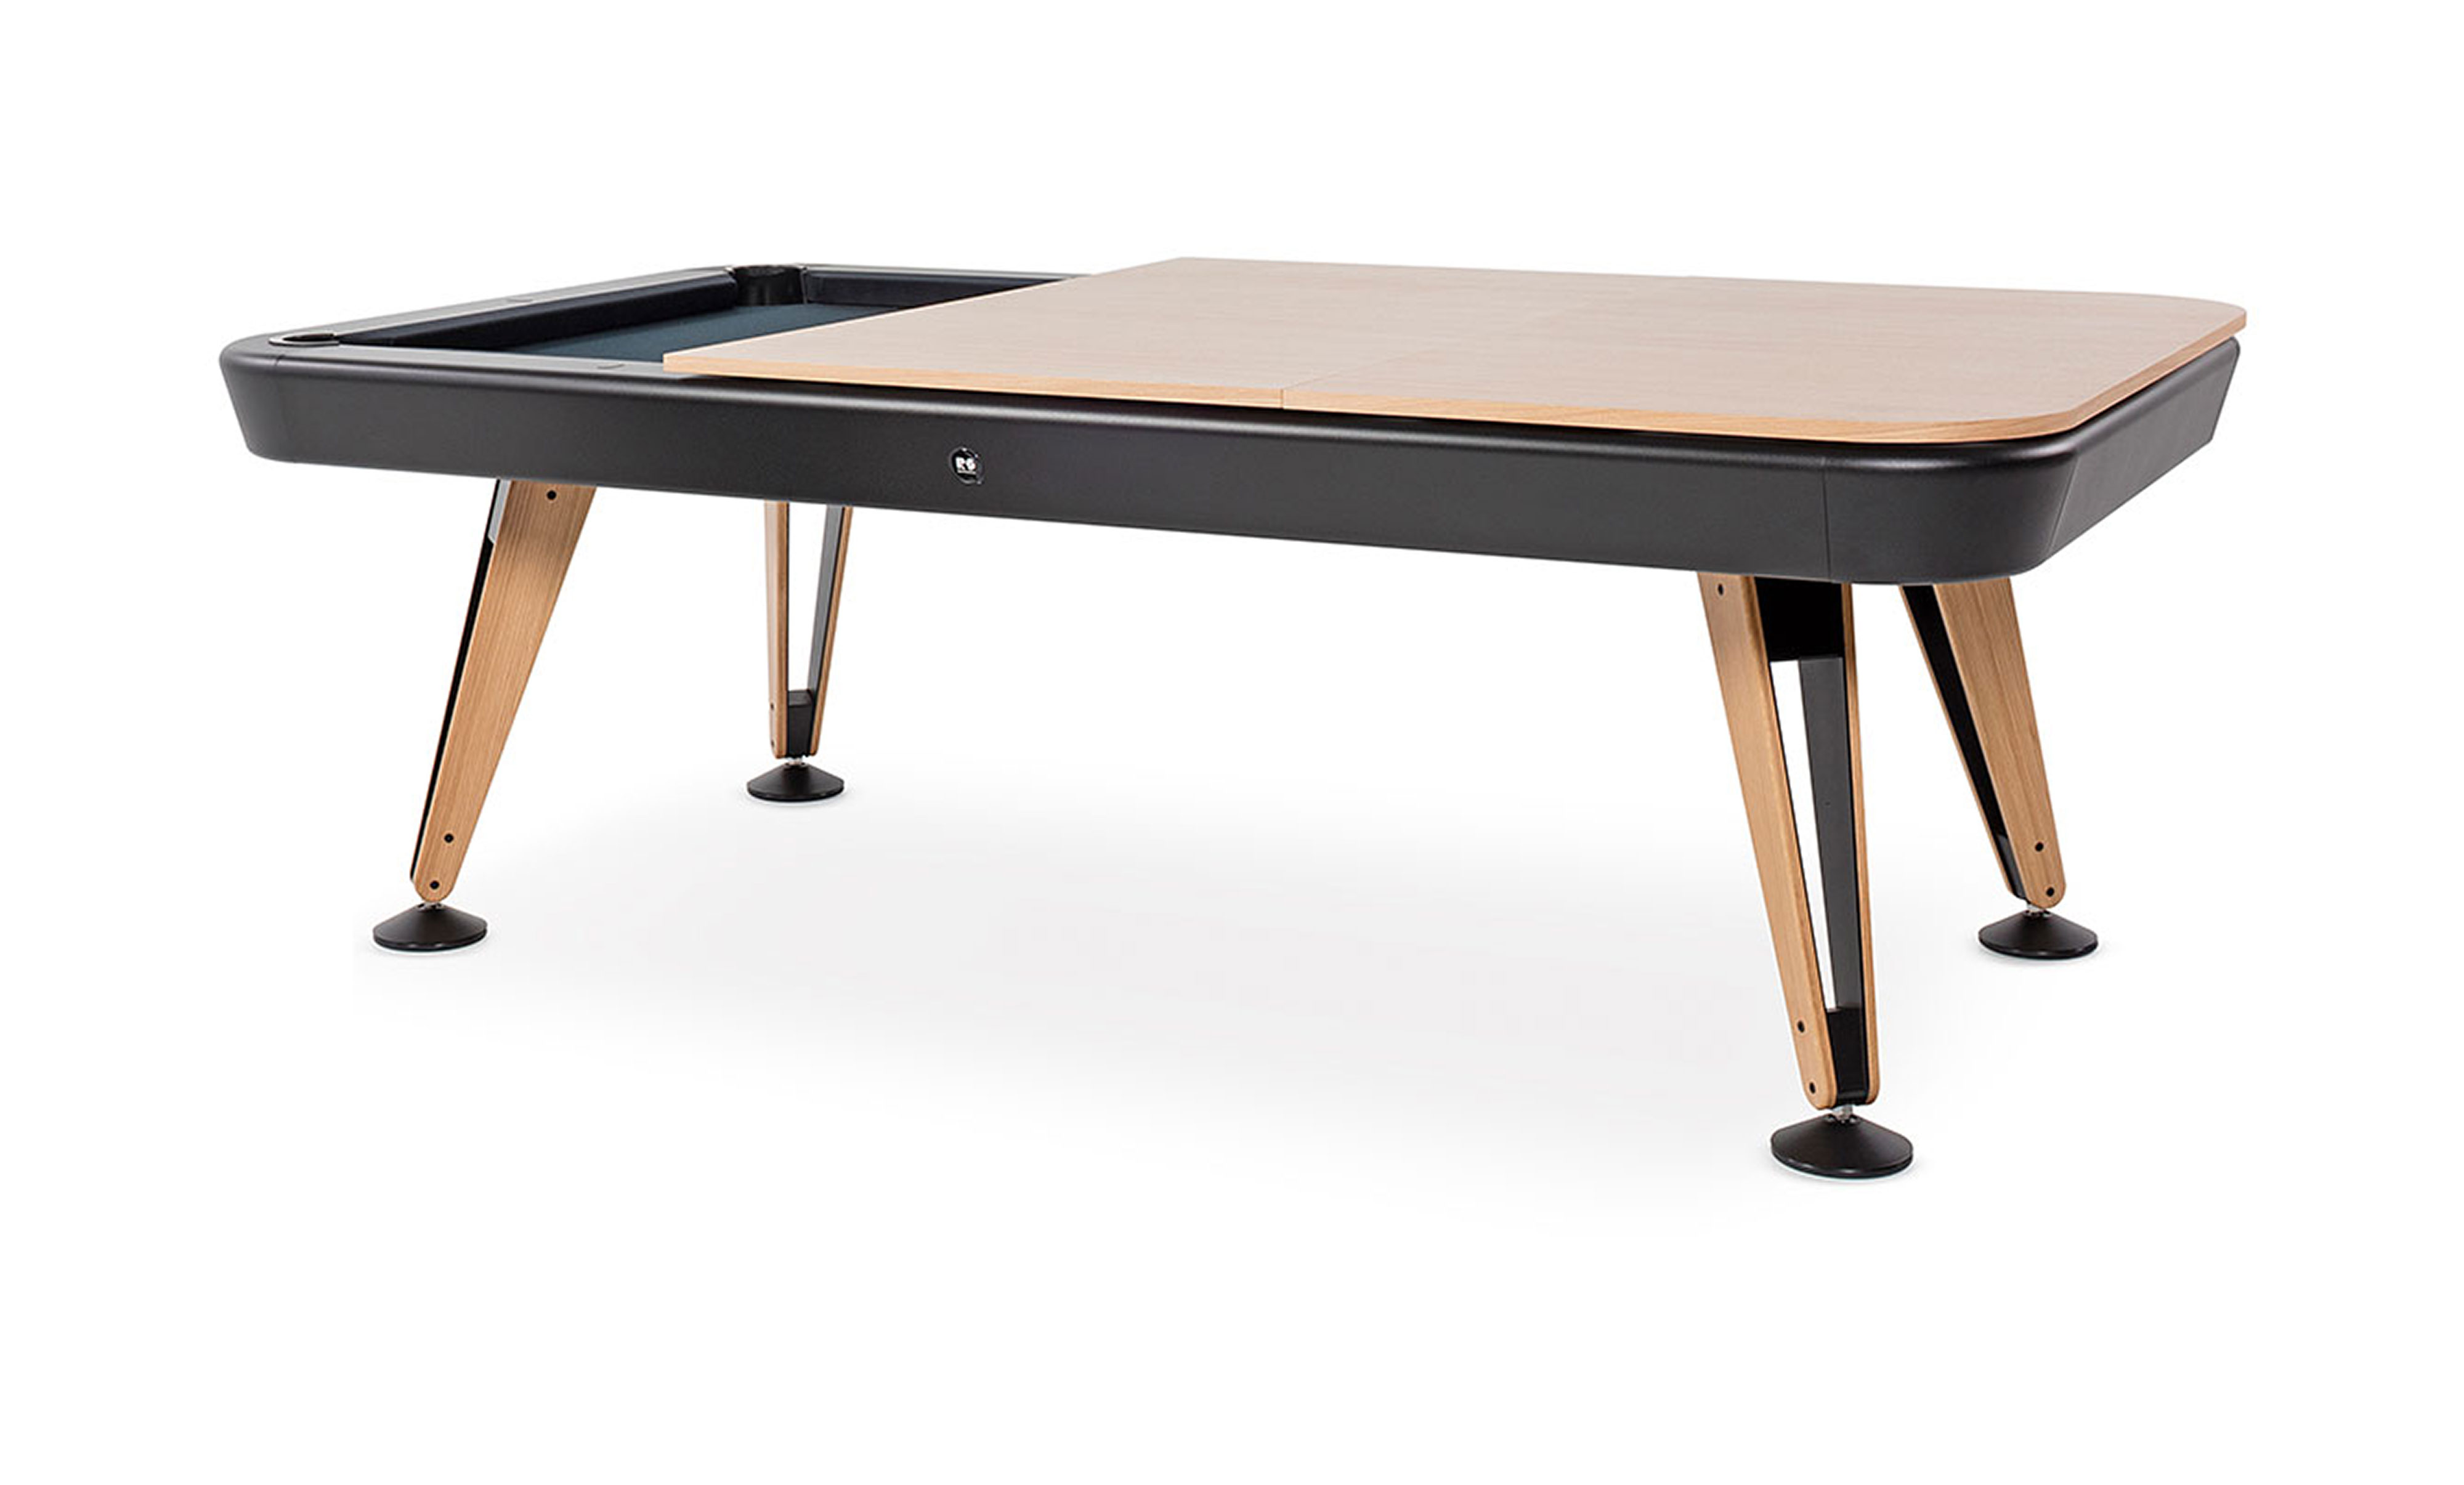 """Billard-Abdeckplatte """"2 in 1 Tisch"""" - Design Diagonal von RS Barcelona"""